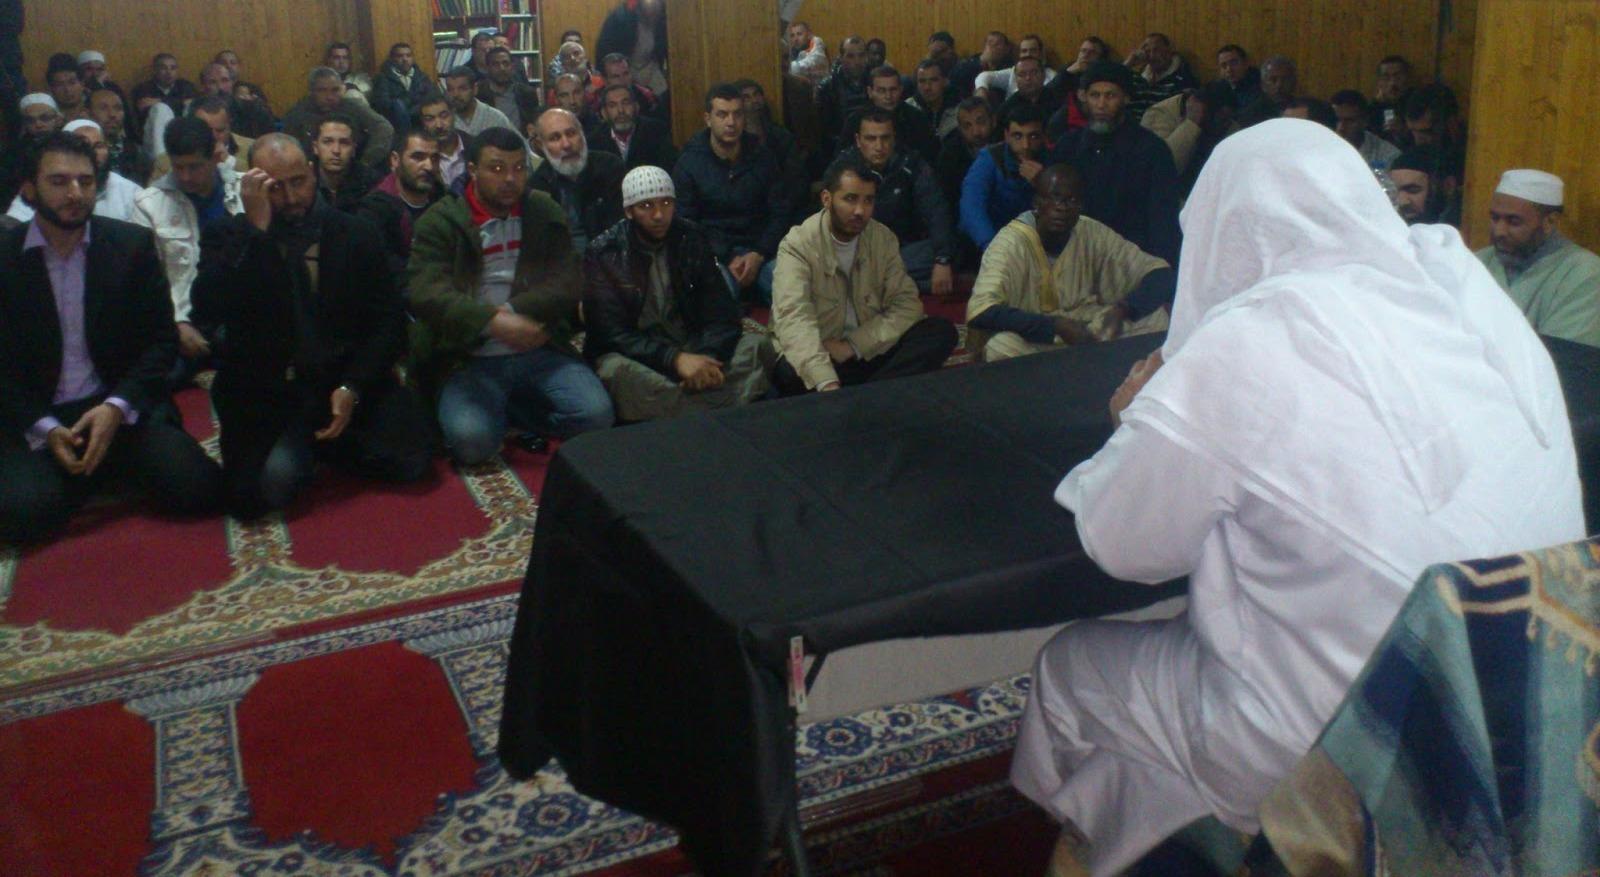 El Shaij Al Basiouni en Logroño: Confía en el Creador